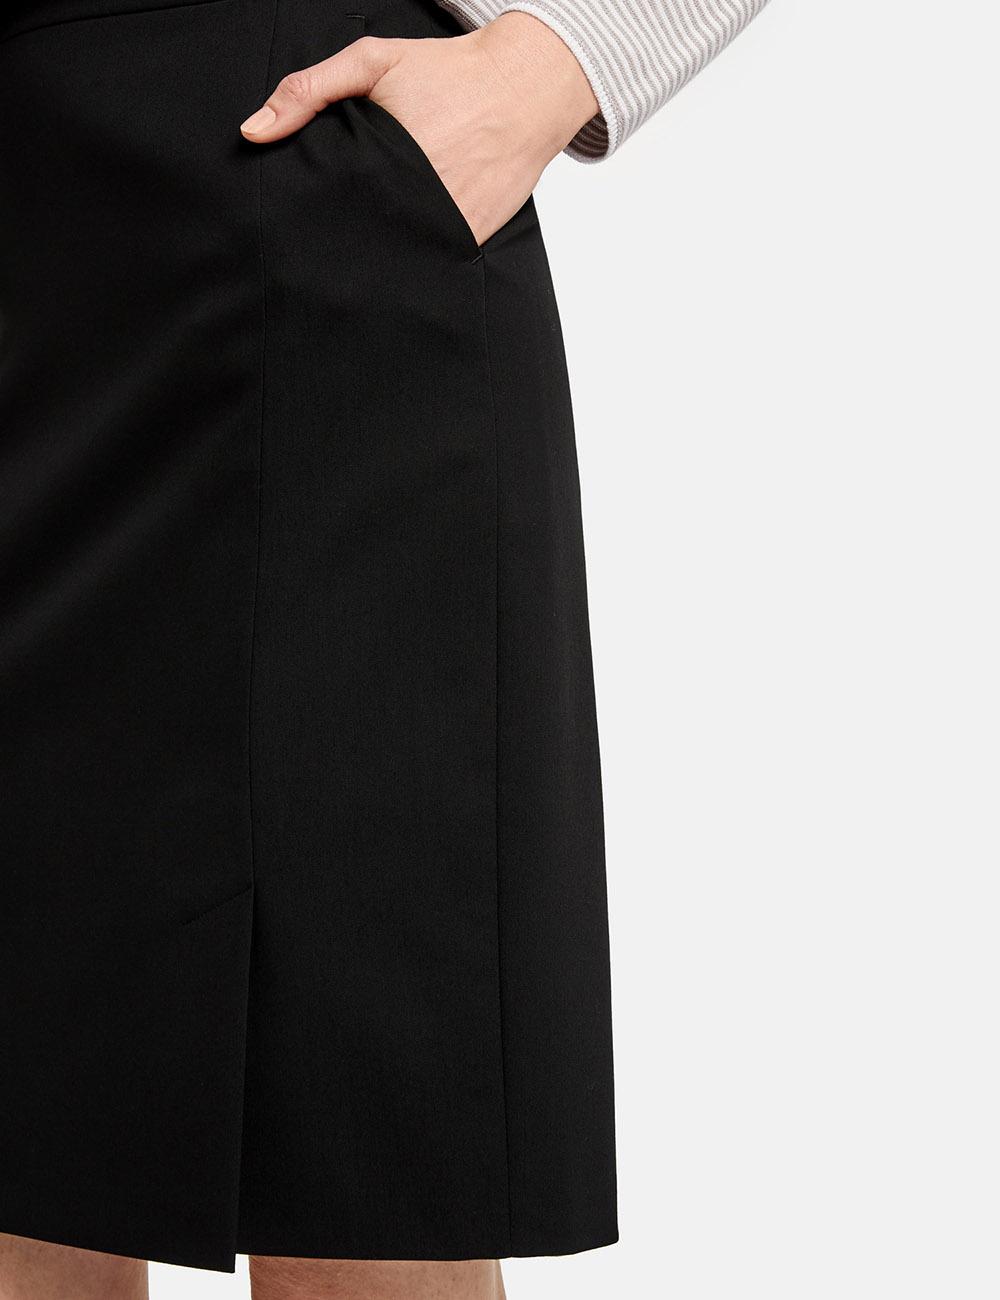 Basic pils, Gerry Weber, nauðsynlegt í klassískan klæðaskáp. Bernharð Laxdal, laxdal.is